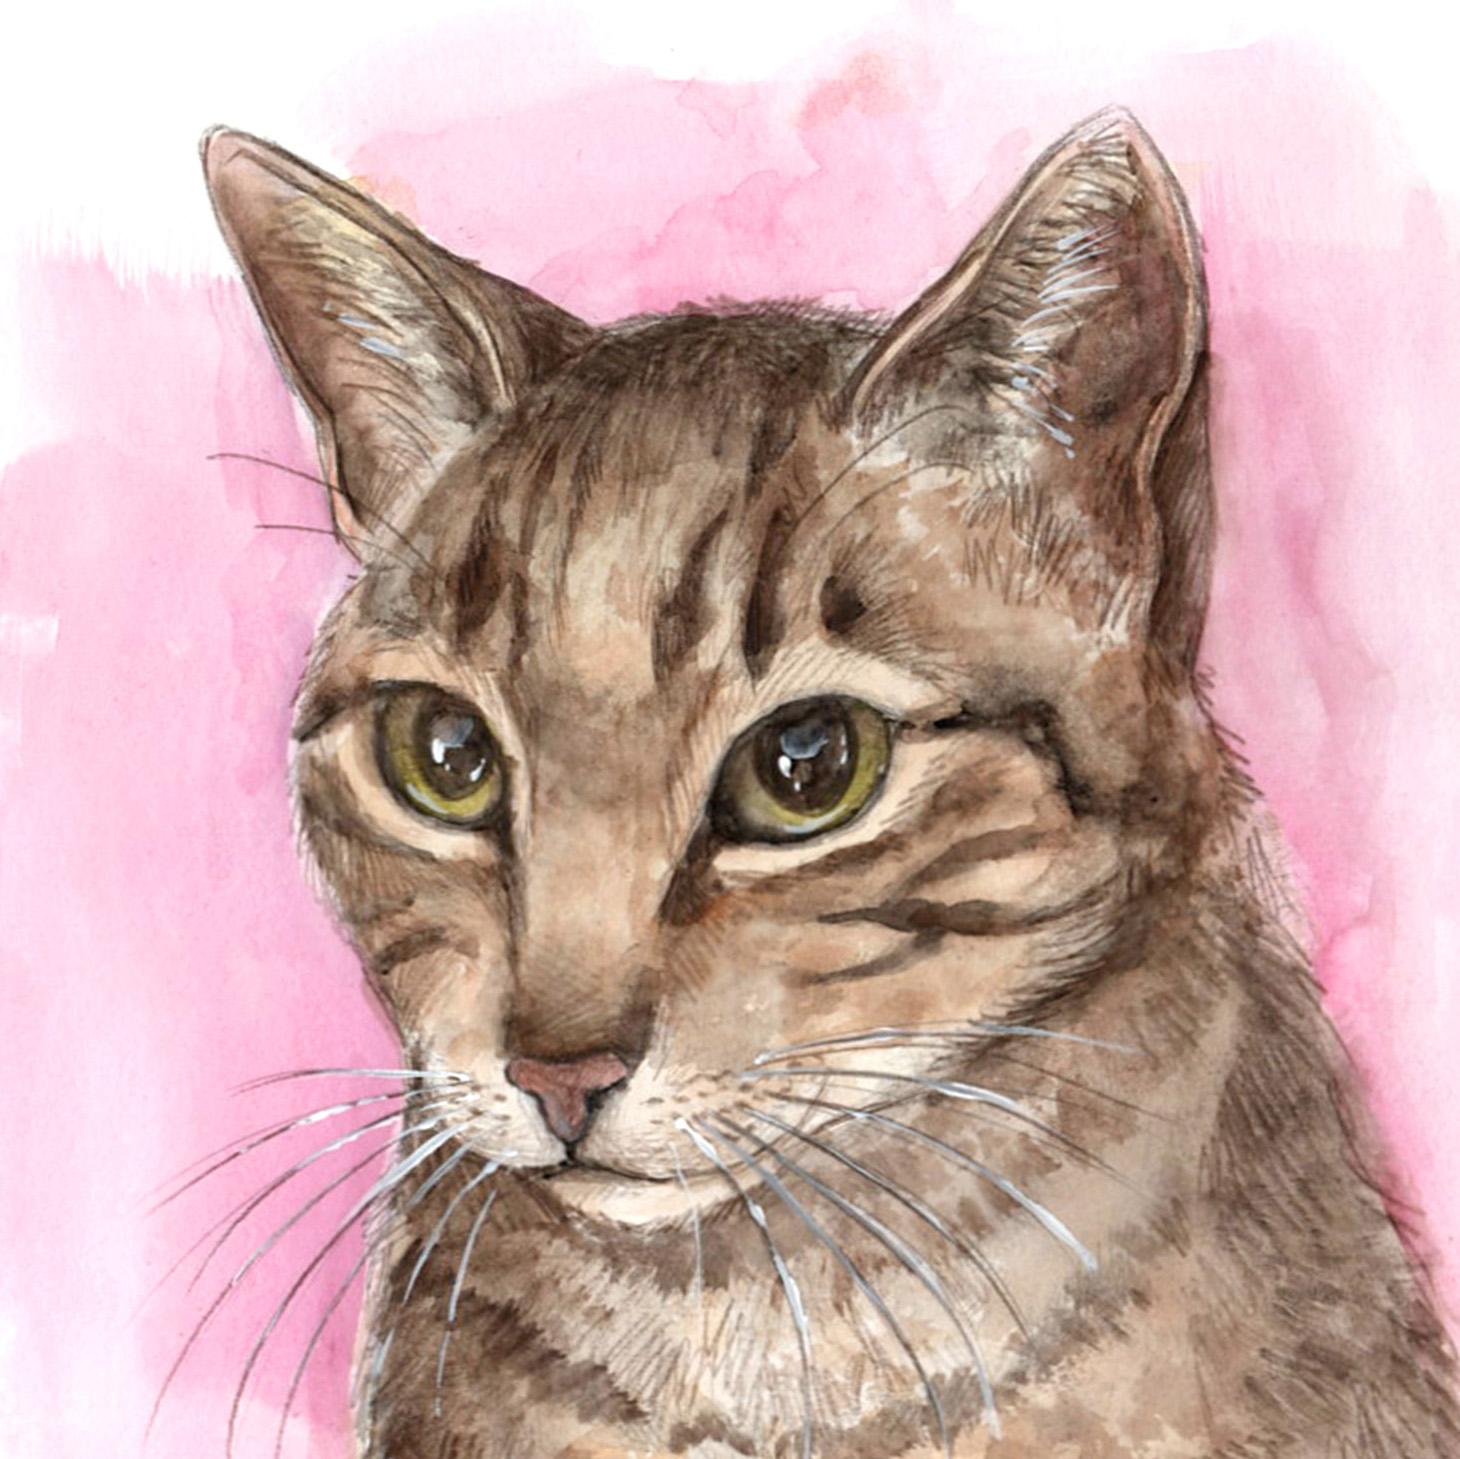 Il·lustracions personalitzades i retrats